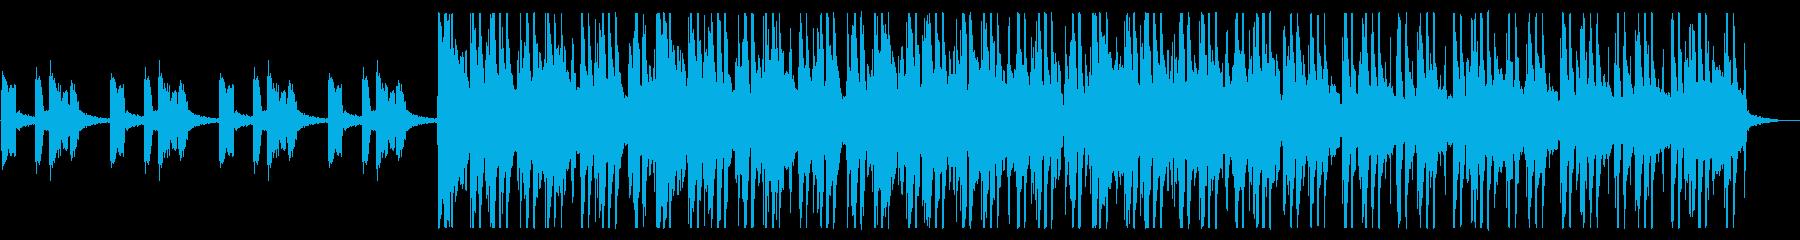 都会/爽やか/R&B_No466_3の再生済みの波形